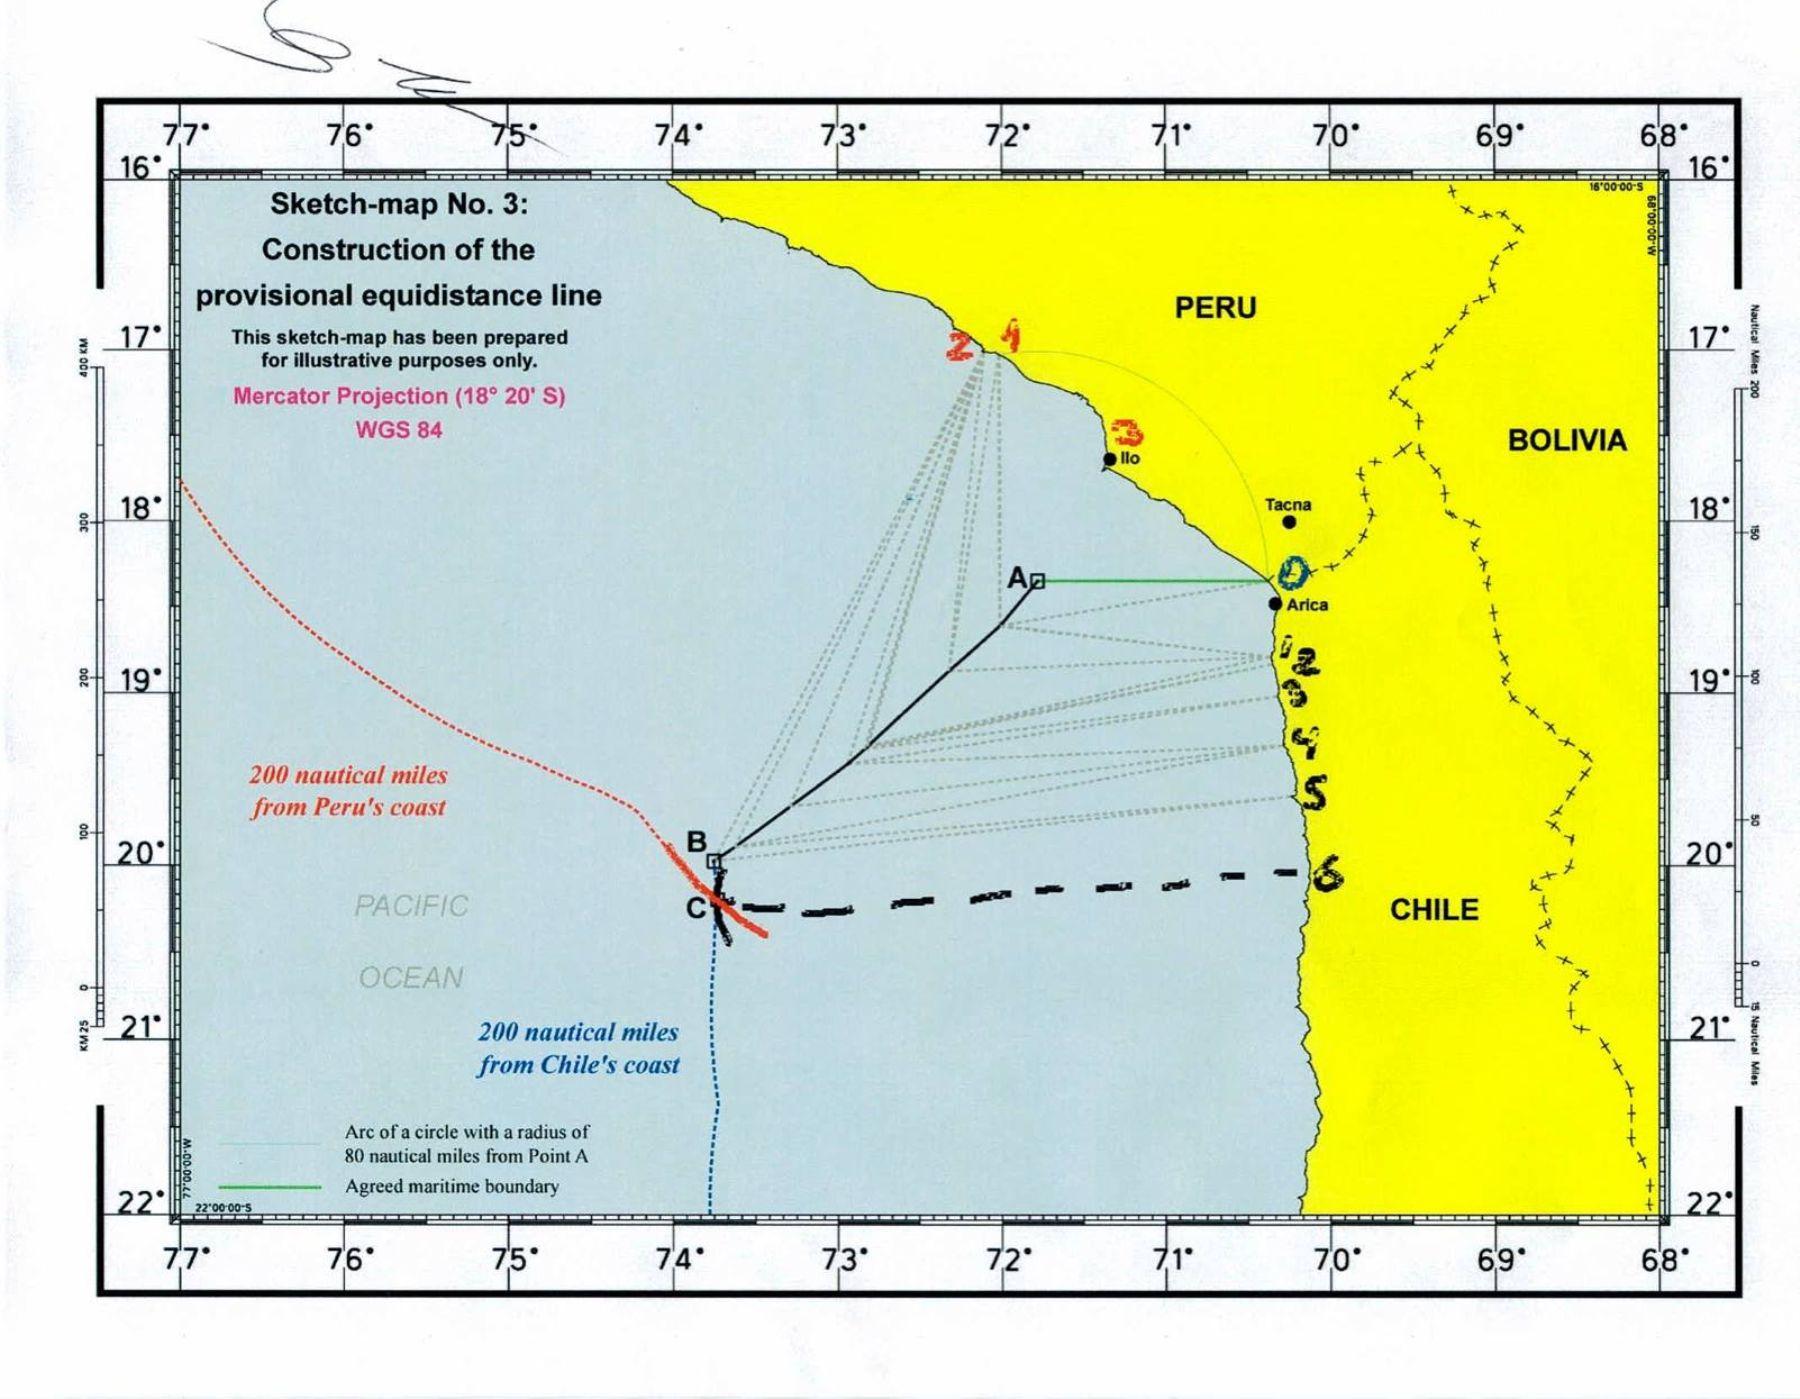 Mapa de pasos técnicos para determinar las coordenadas de la frontera entre Perú y Chile.